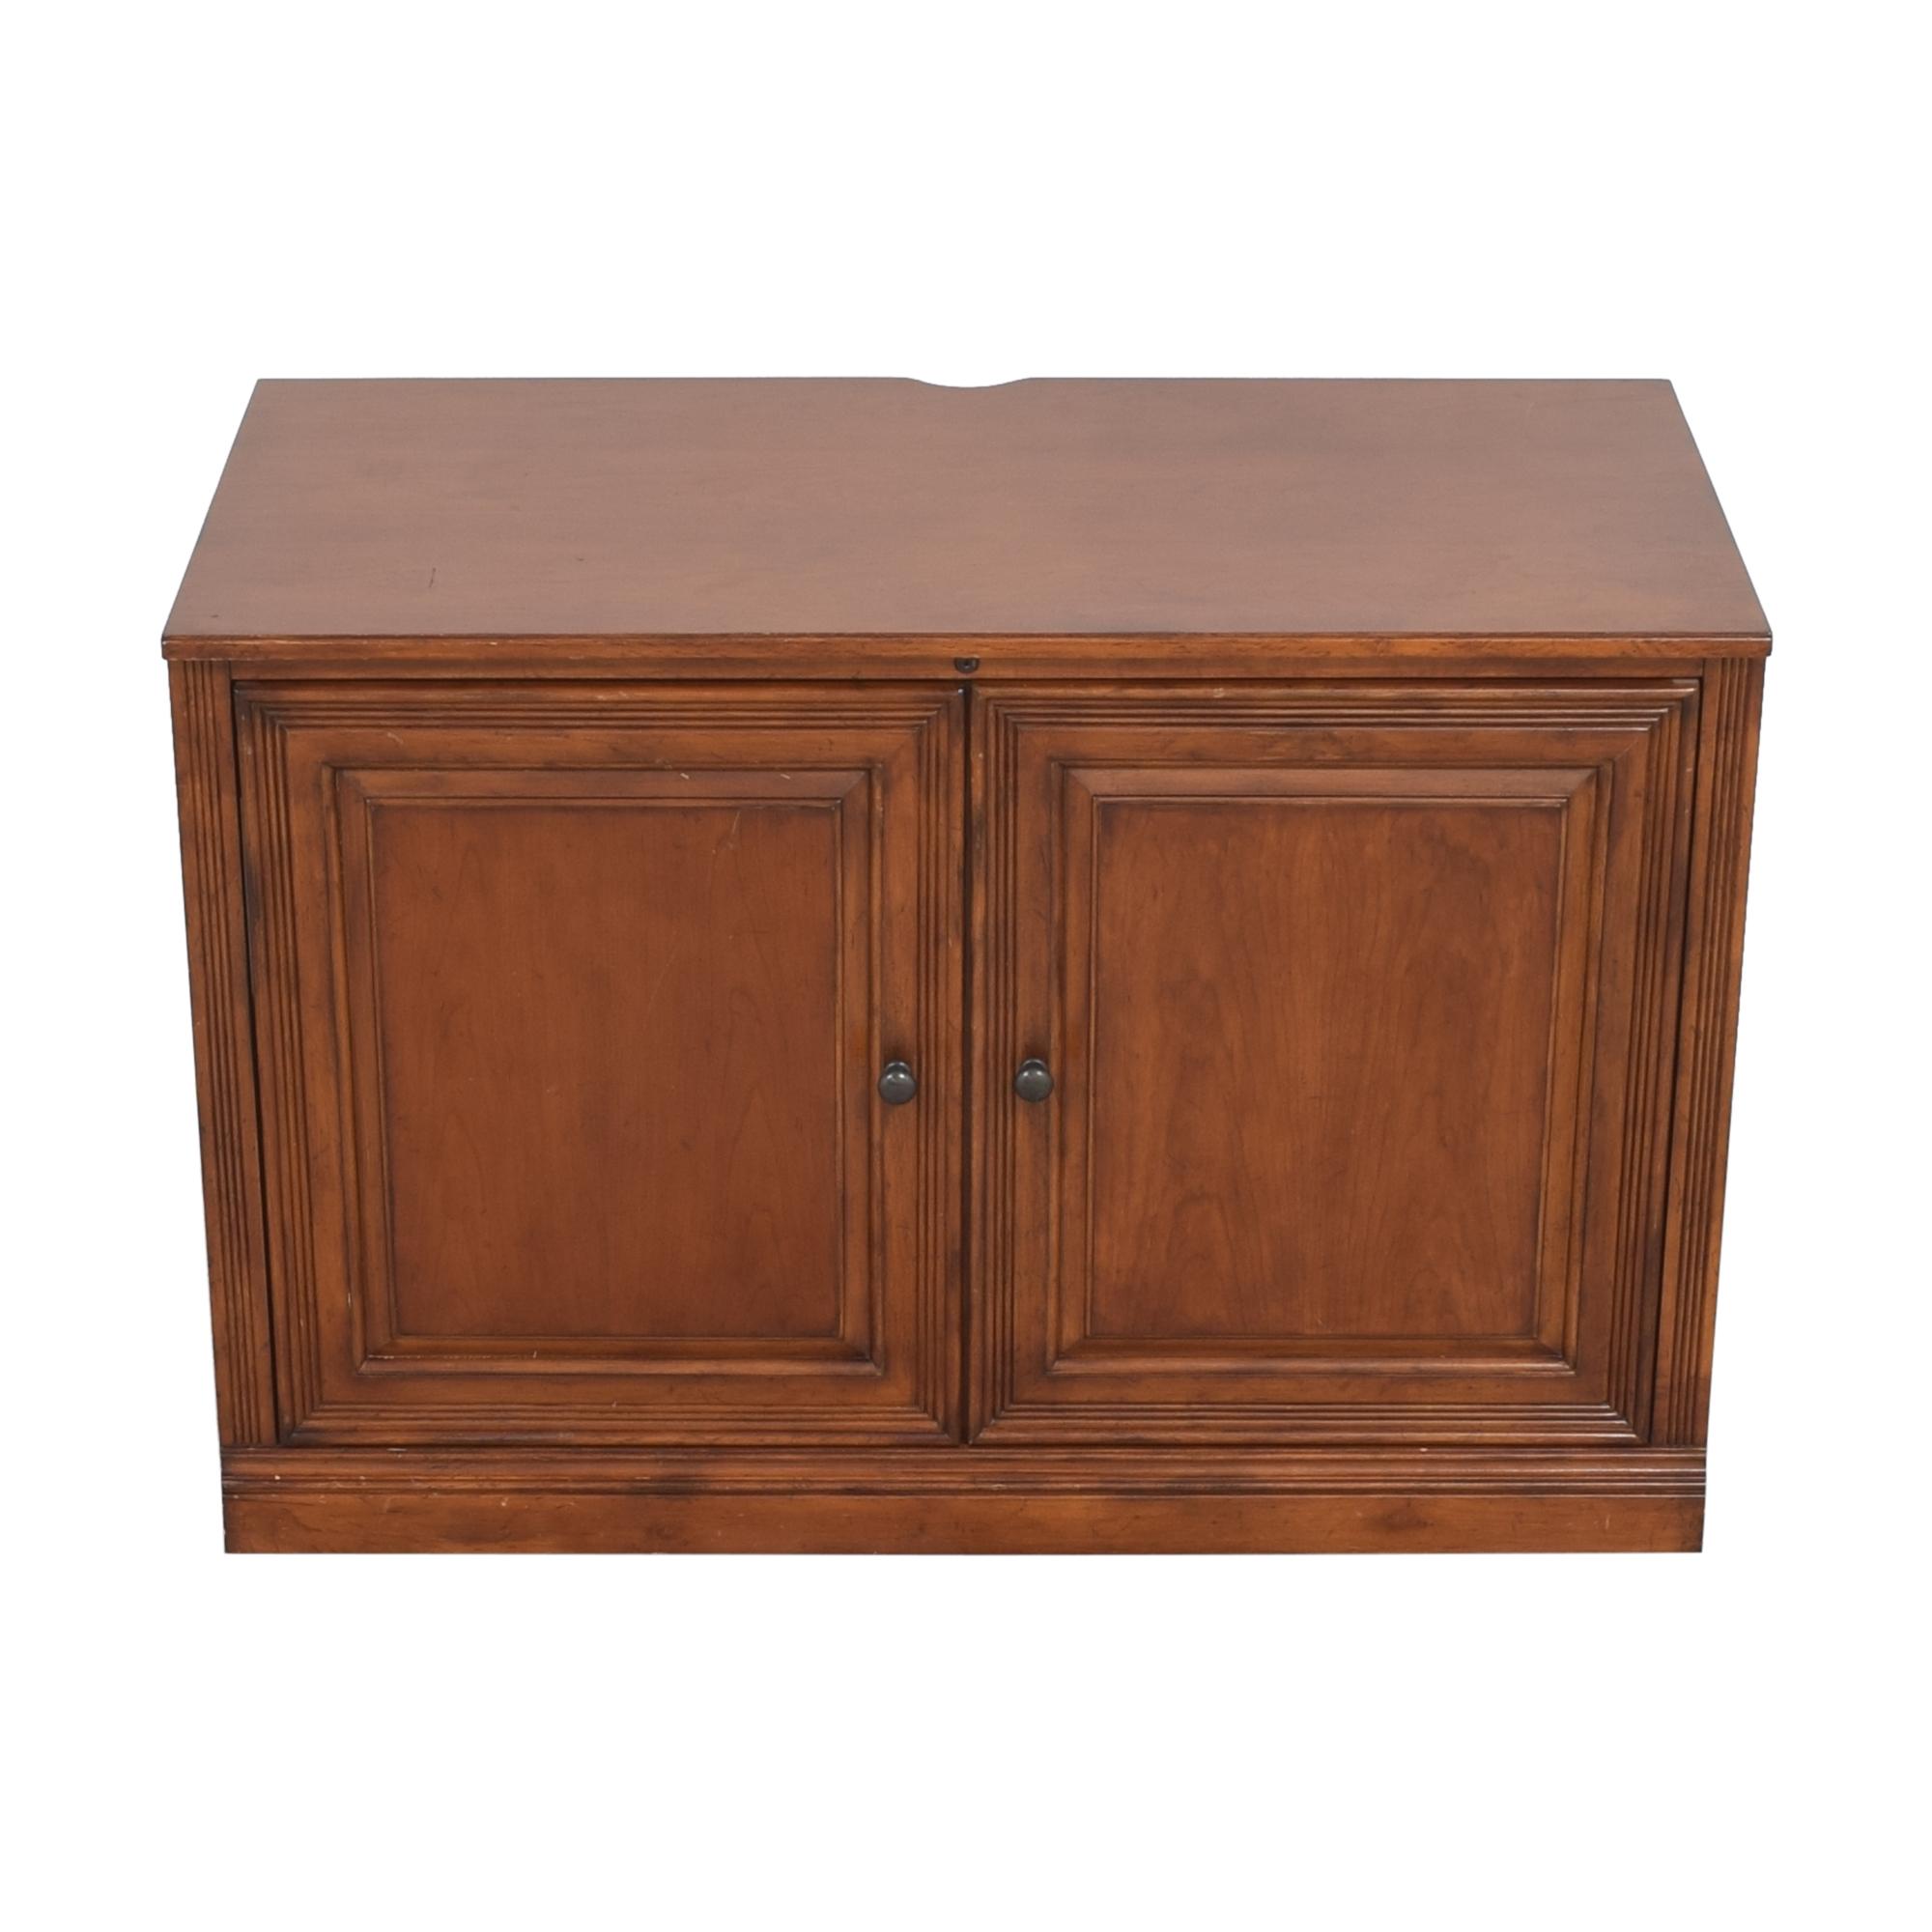 shop Sligh Furniture Home Office Cabinet Sligh Furniture Cabinets & Sideboards